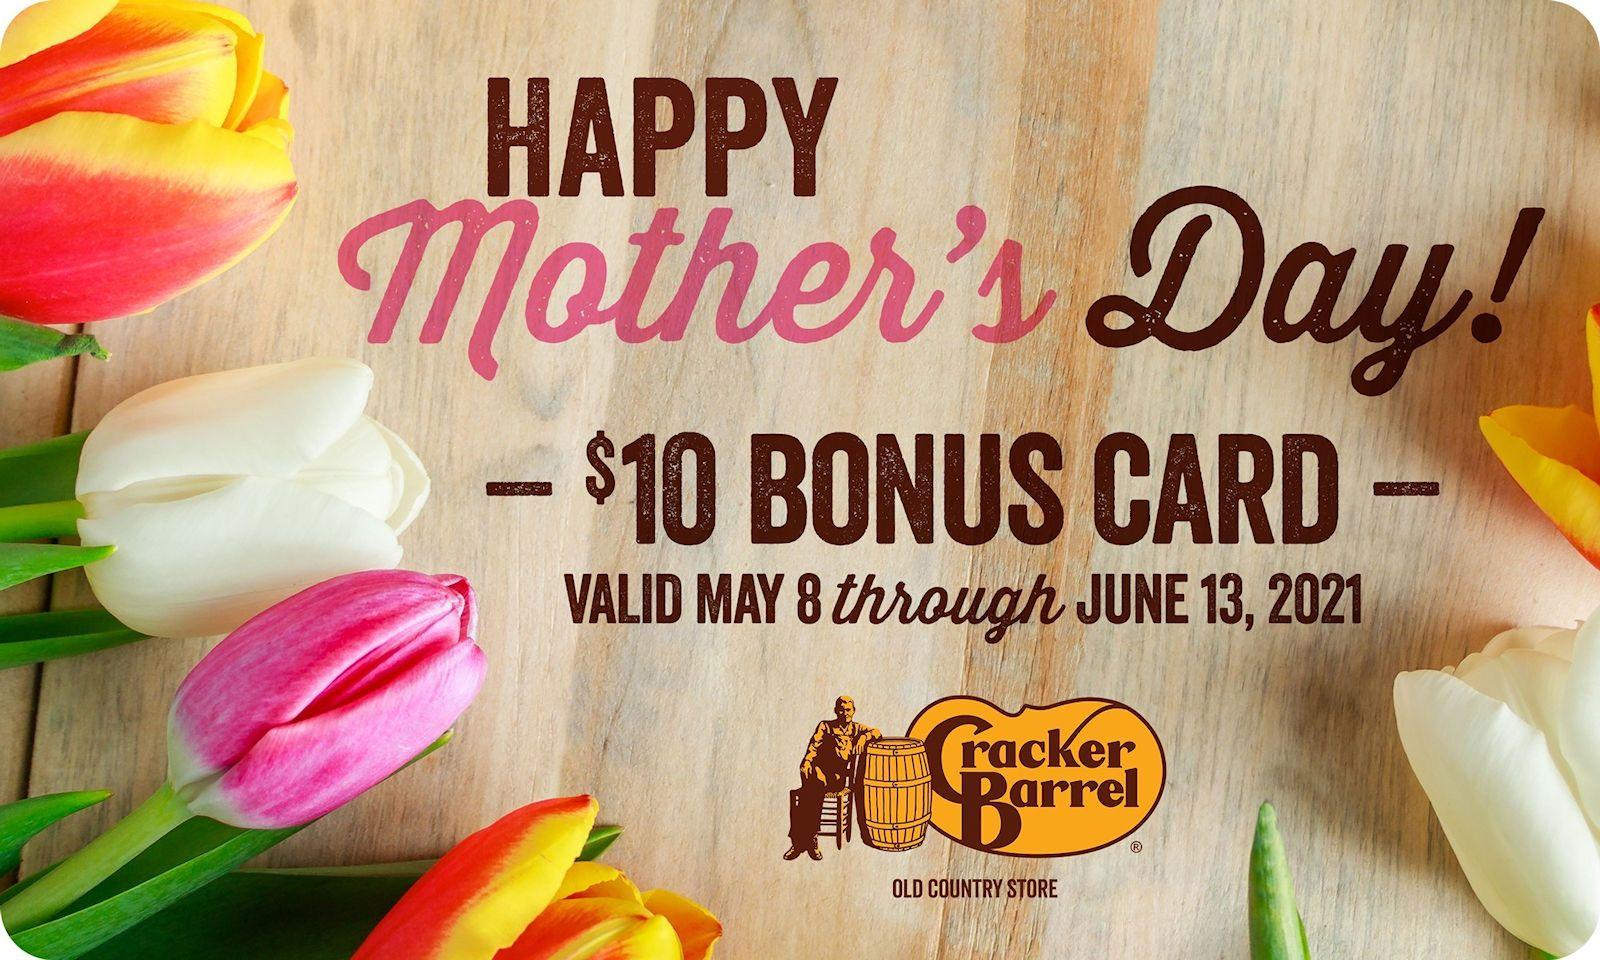 Cracker Barrel Old Country Store lance de nouveaux favoris de style maison conçus avec soin avant la fête des mères